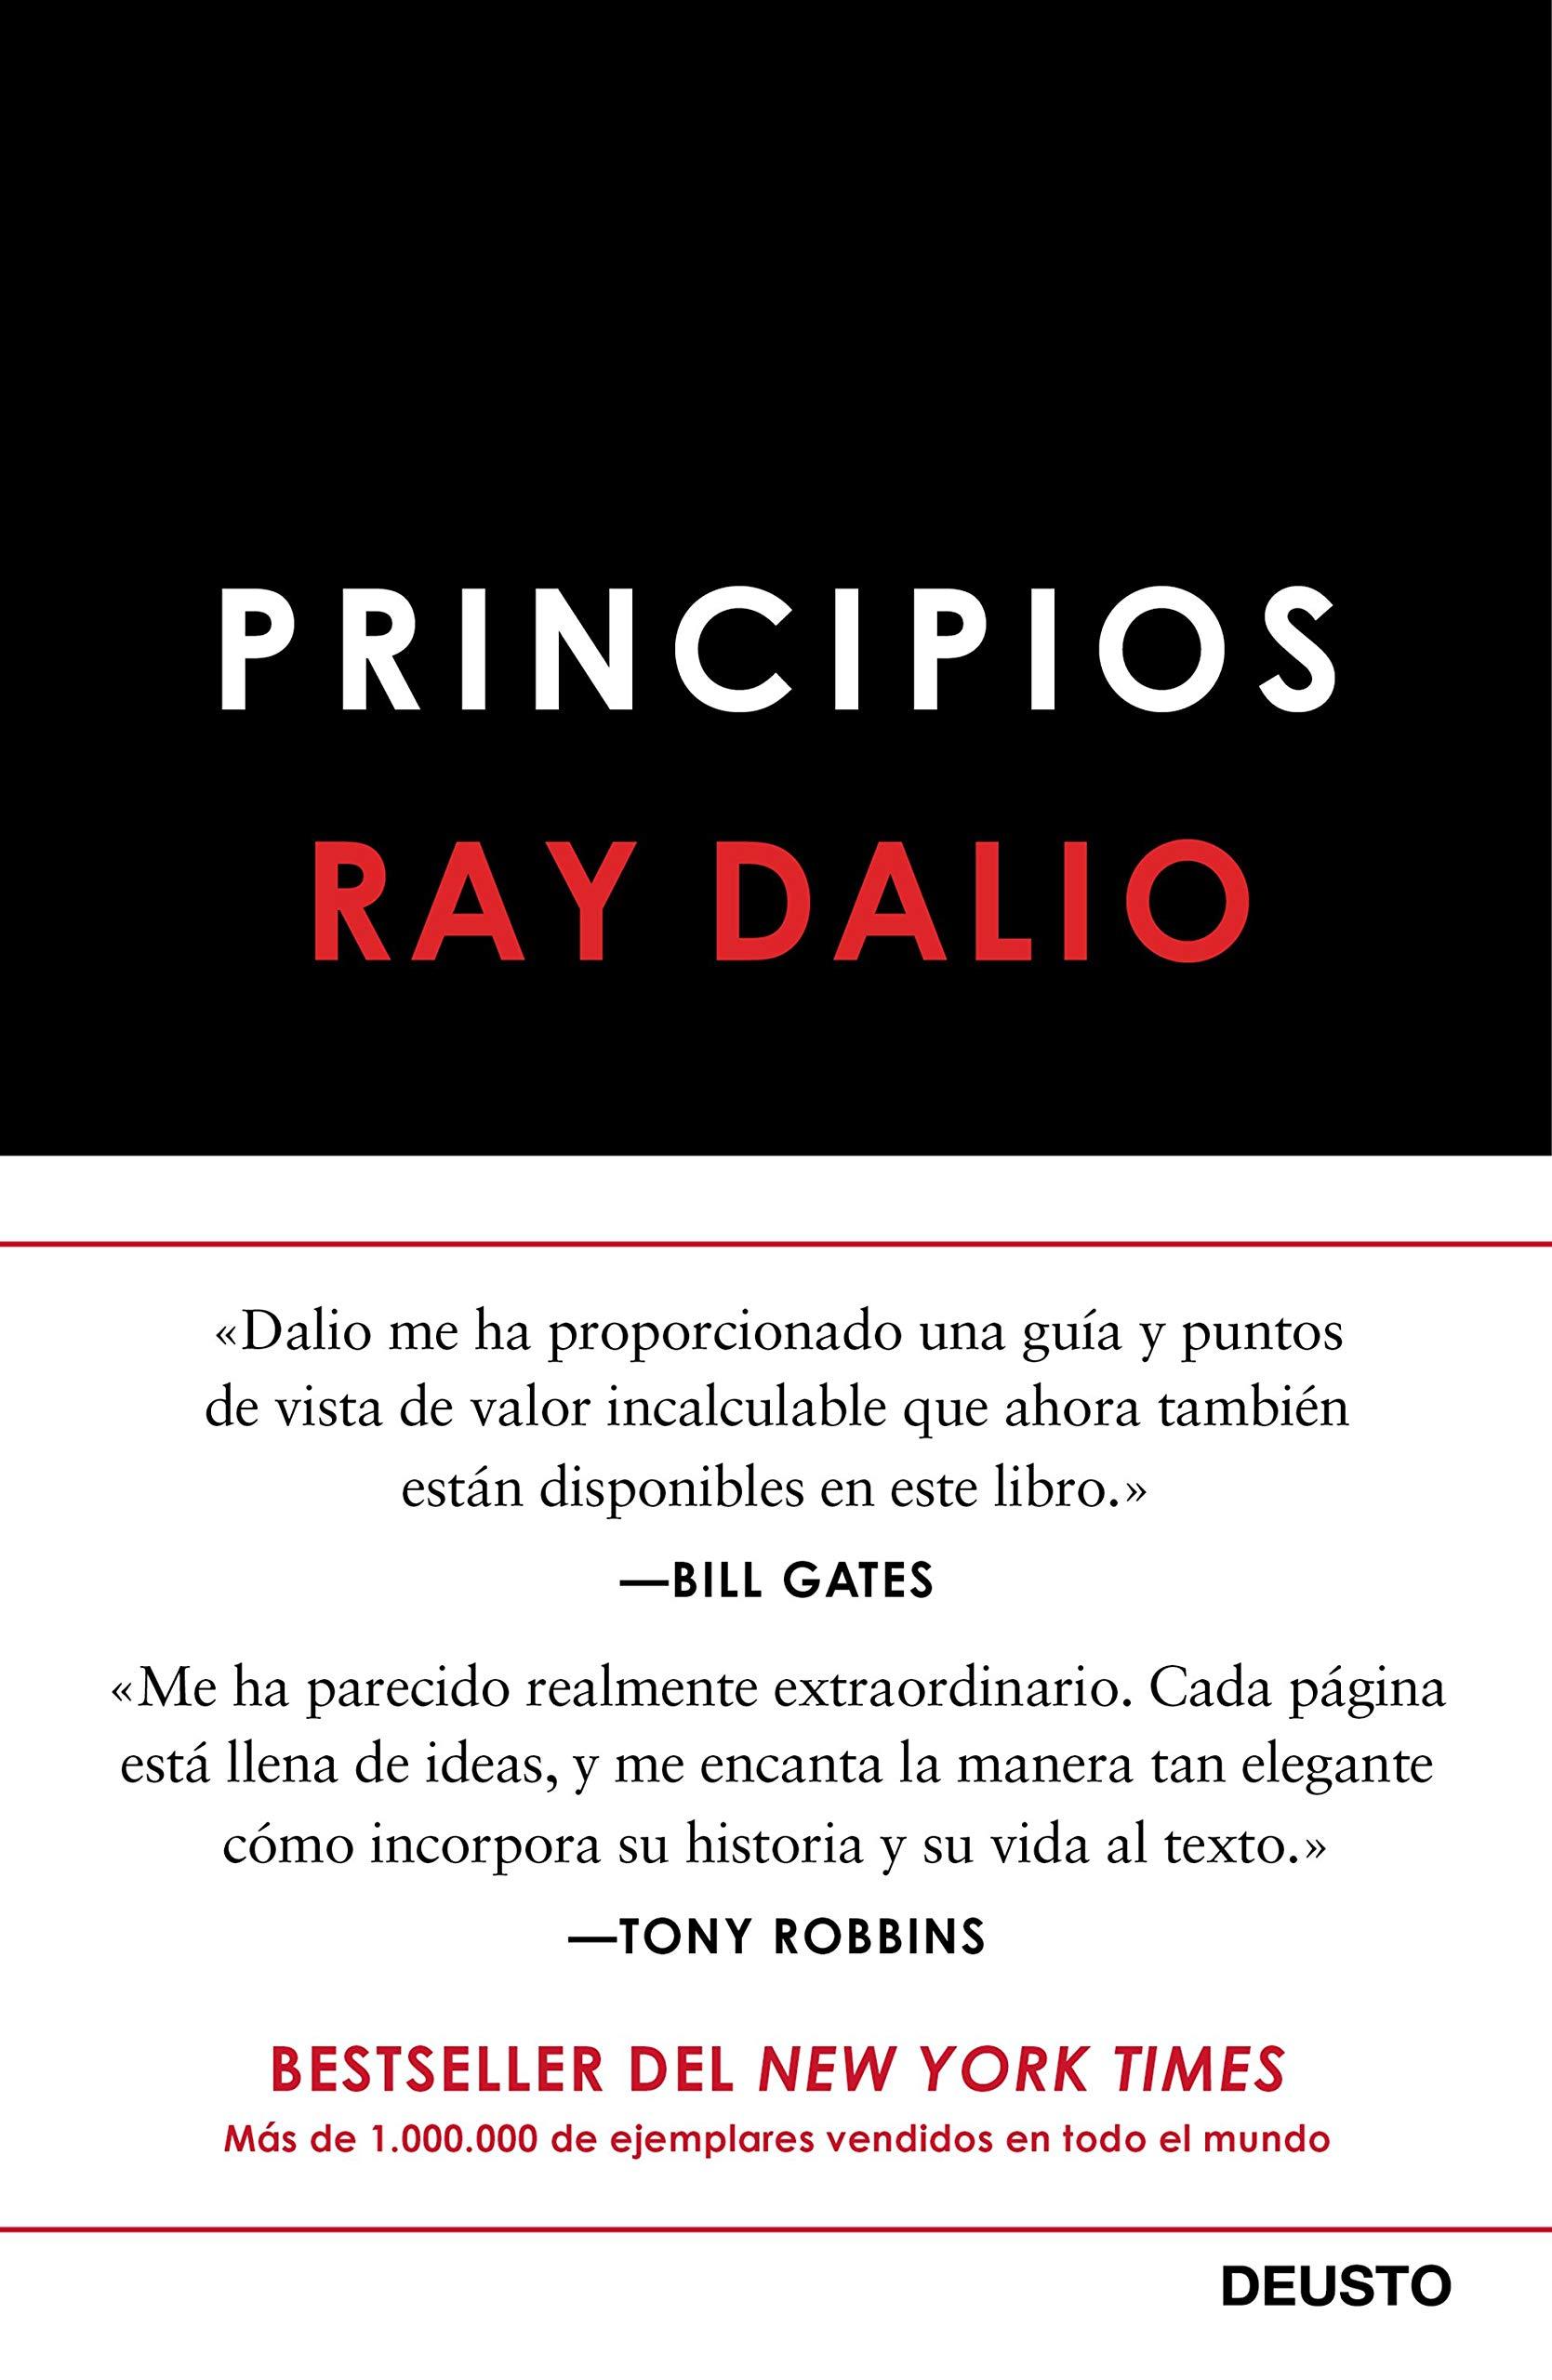 Principios, el libro de Ray Dalio donde repasa los aprendizajes de su carrera como inversor